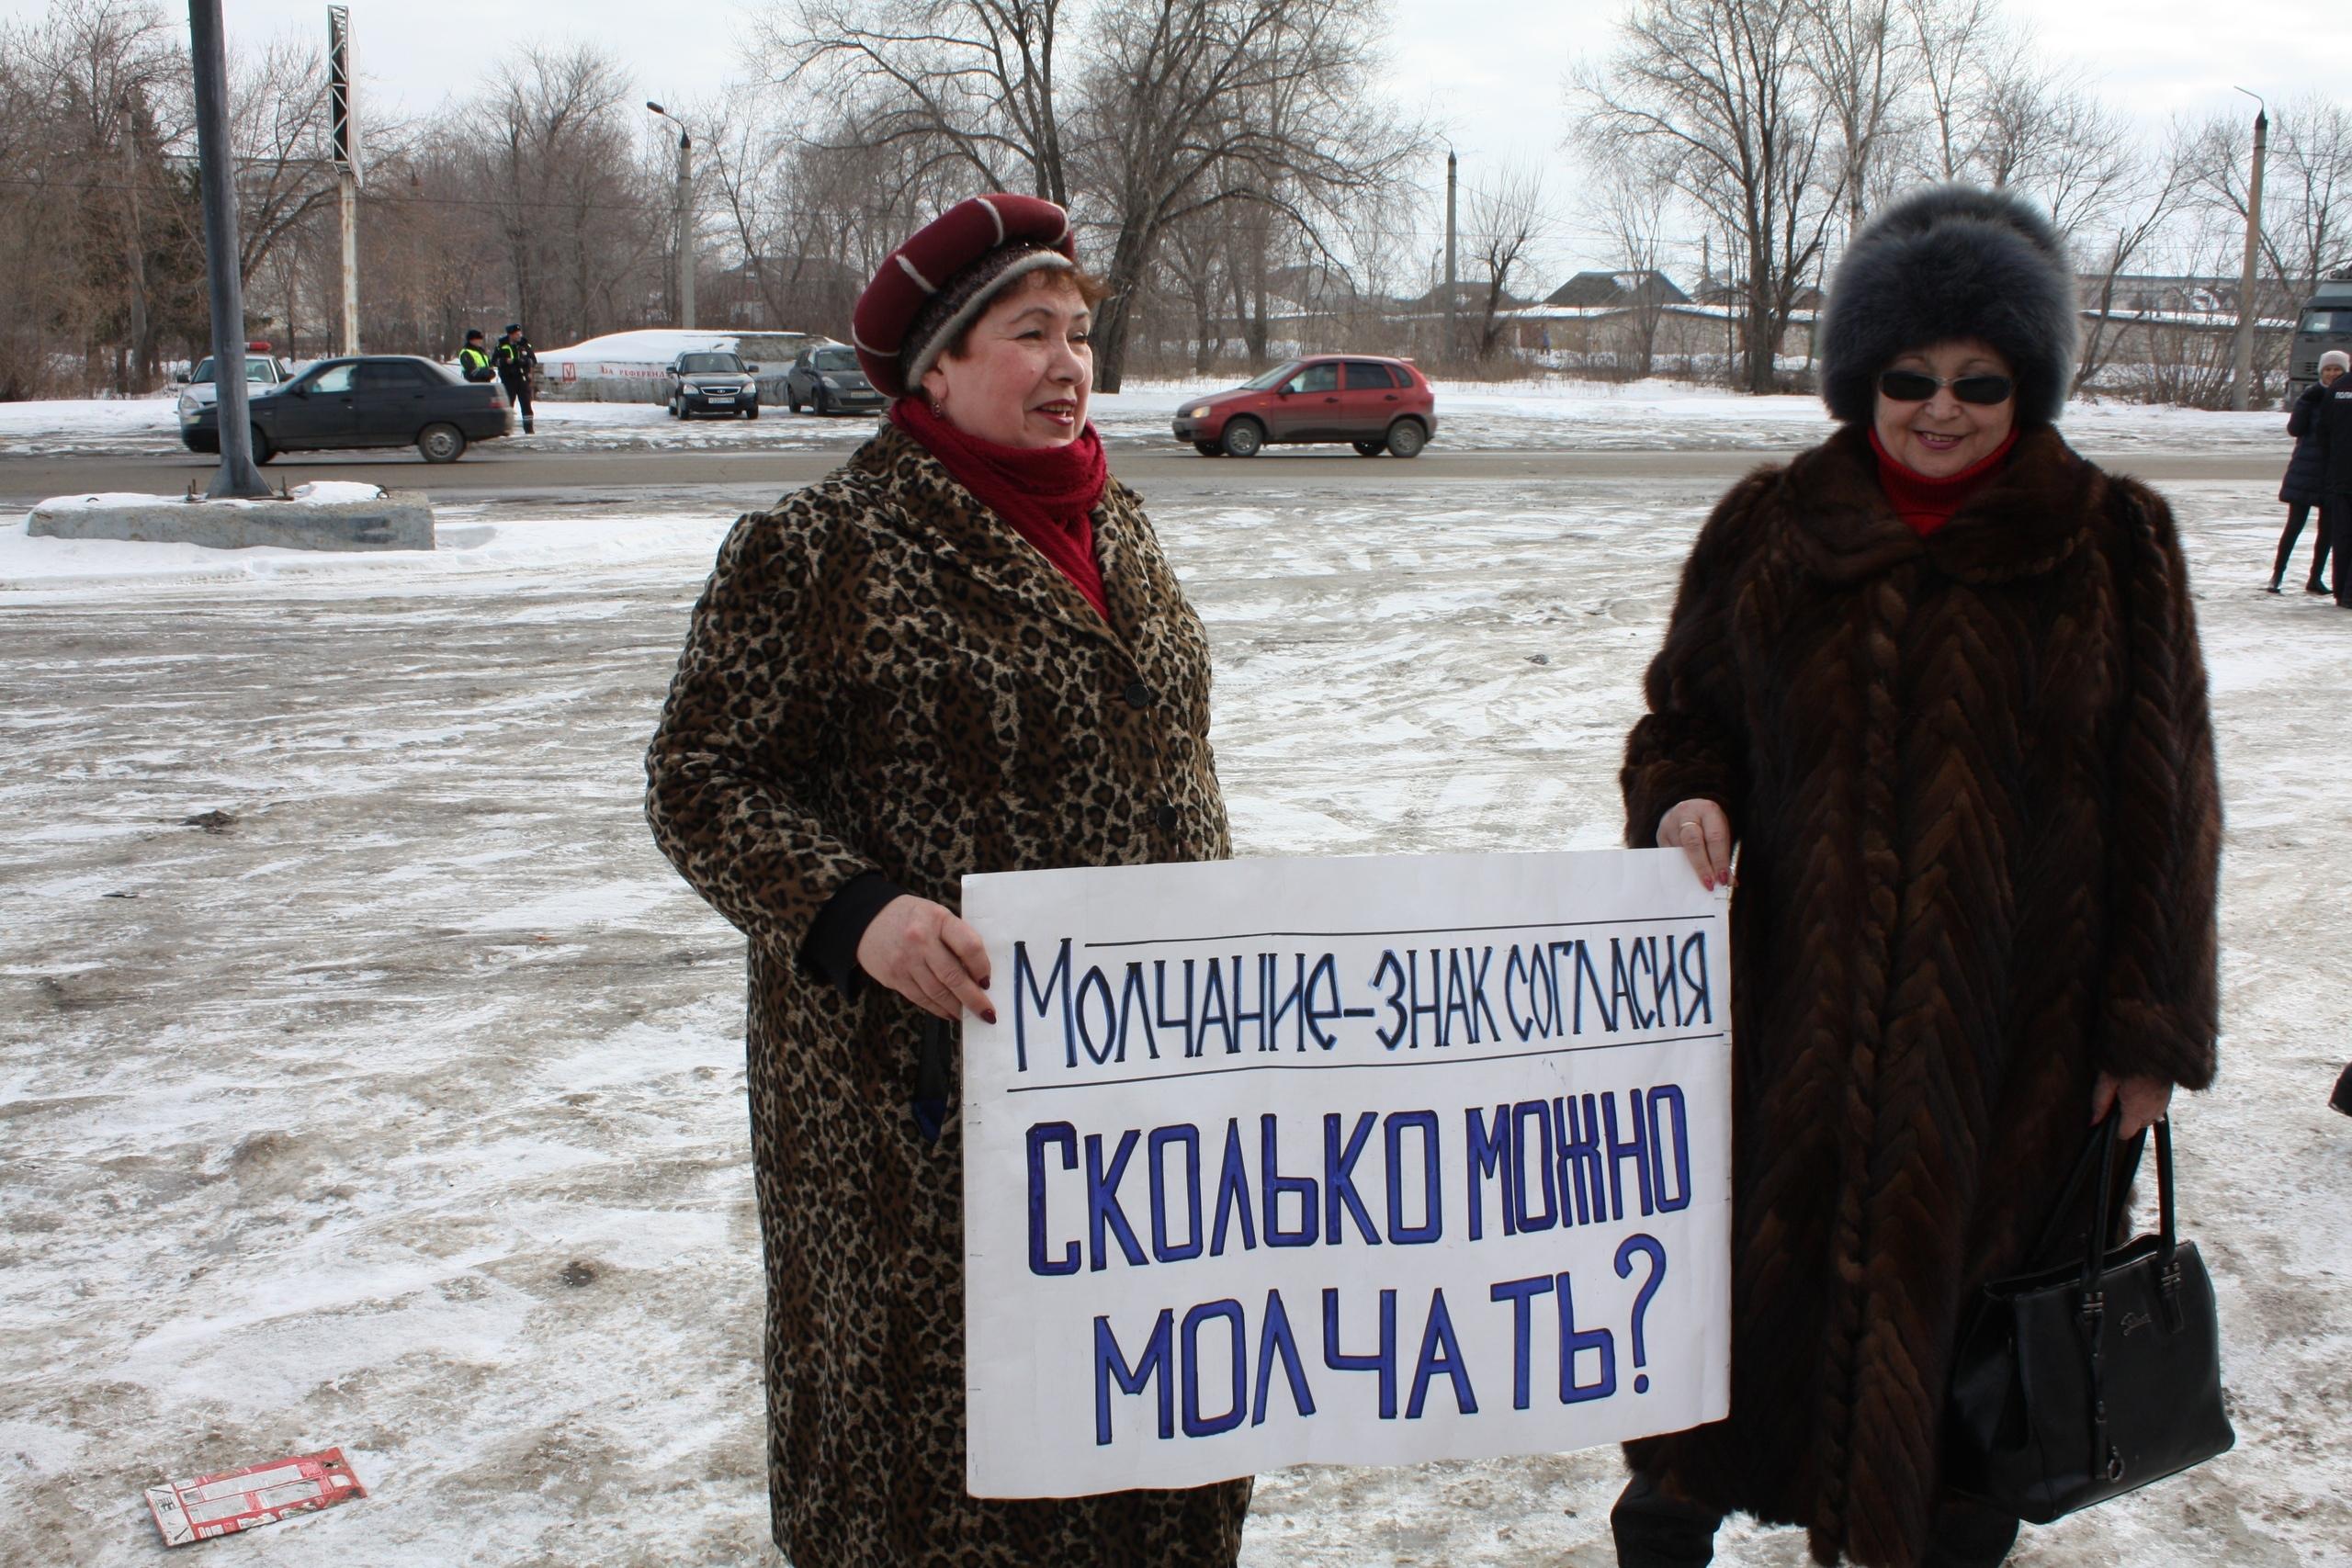 Митинг в Сызрани 16 февраля 2020 года - Конституция РФ